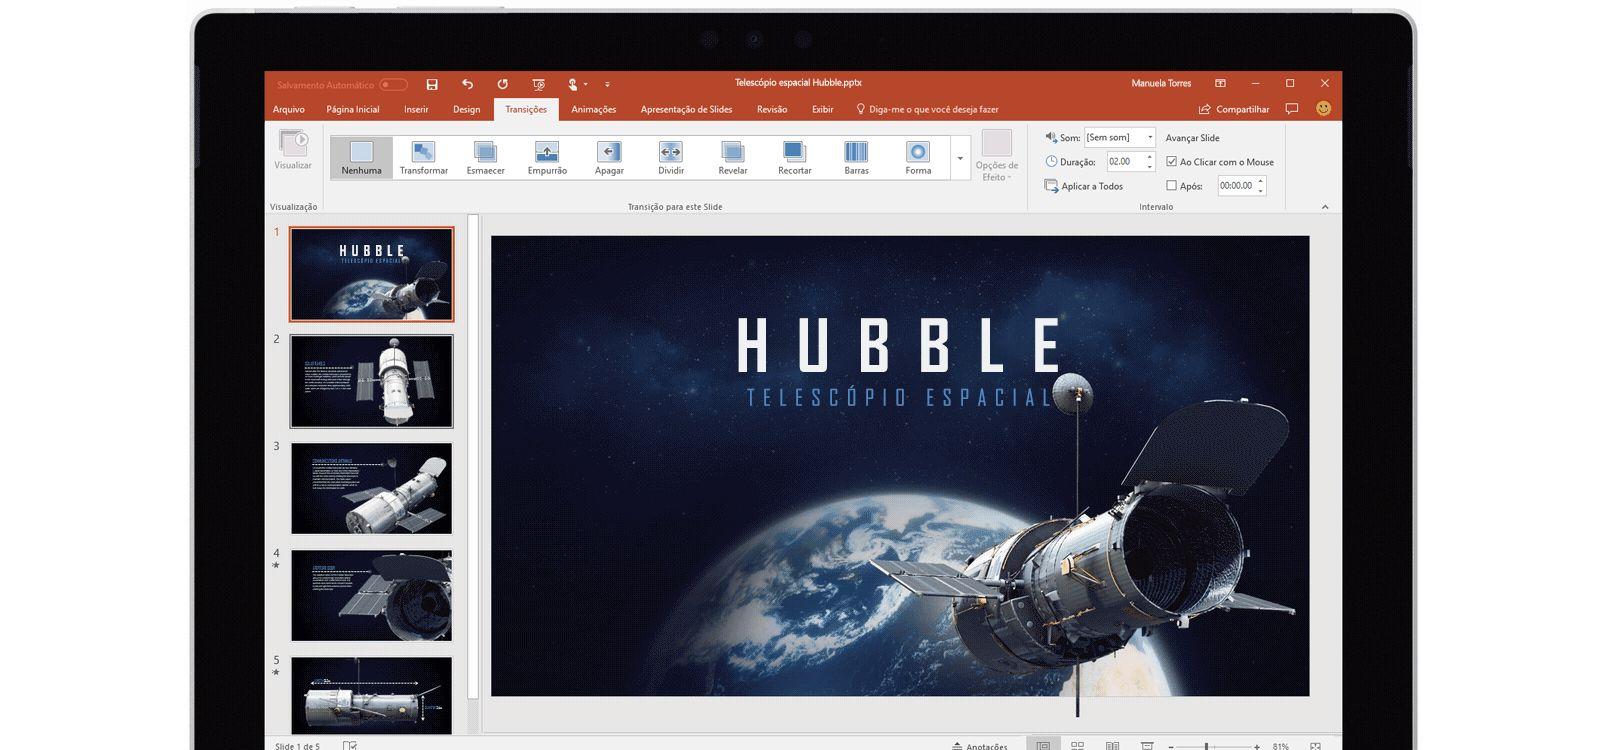 Tela de um tablet mostrando a transição Transformar em uso em um PowerPoint sobre telescópios espaciais